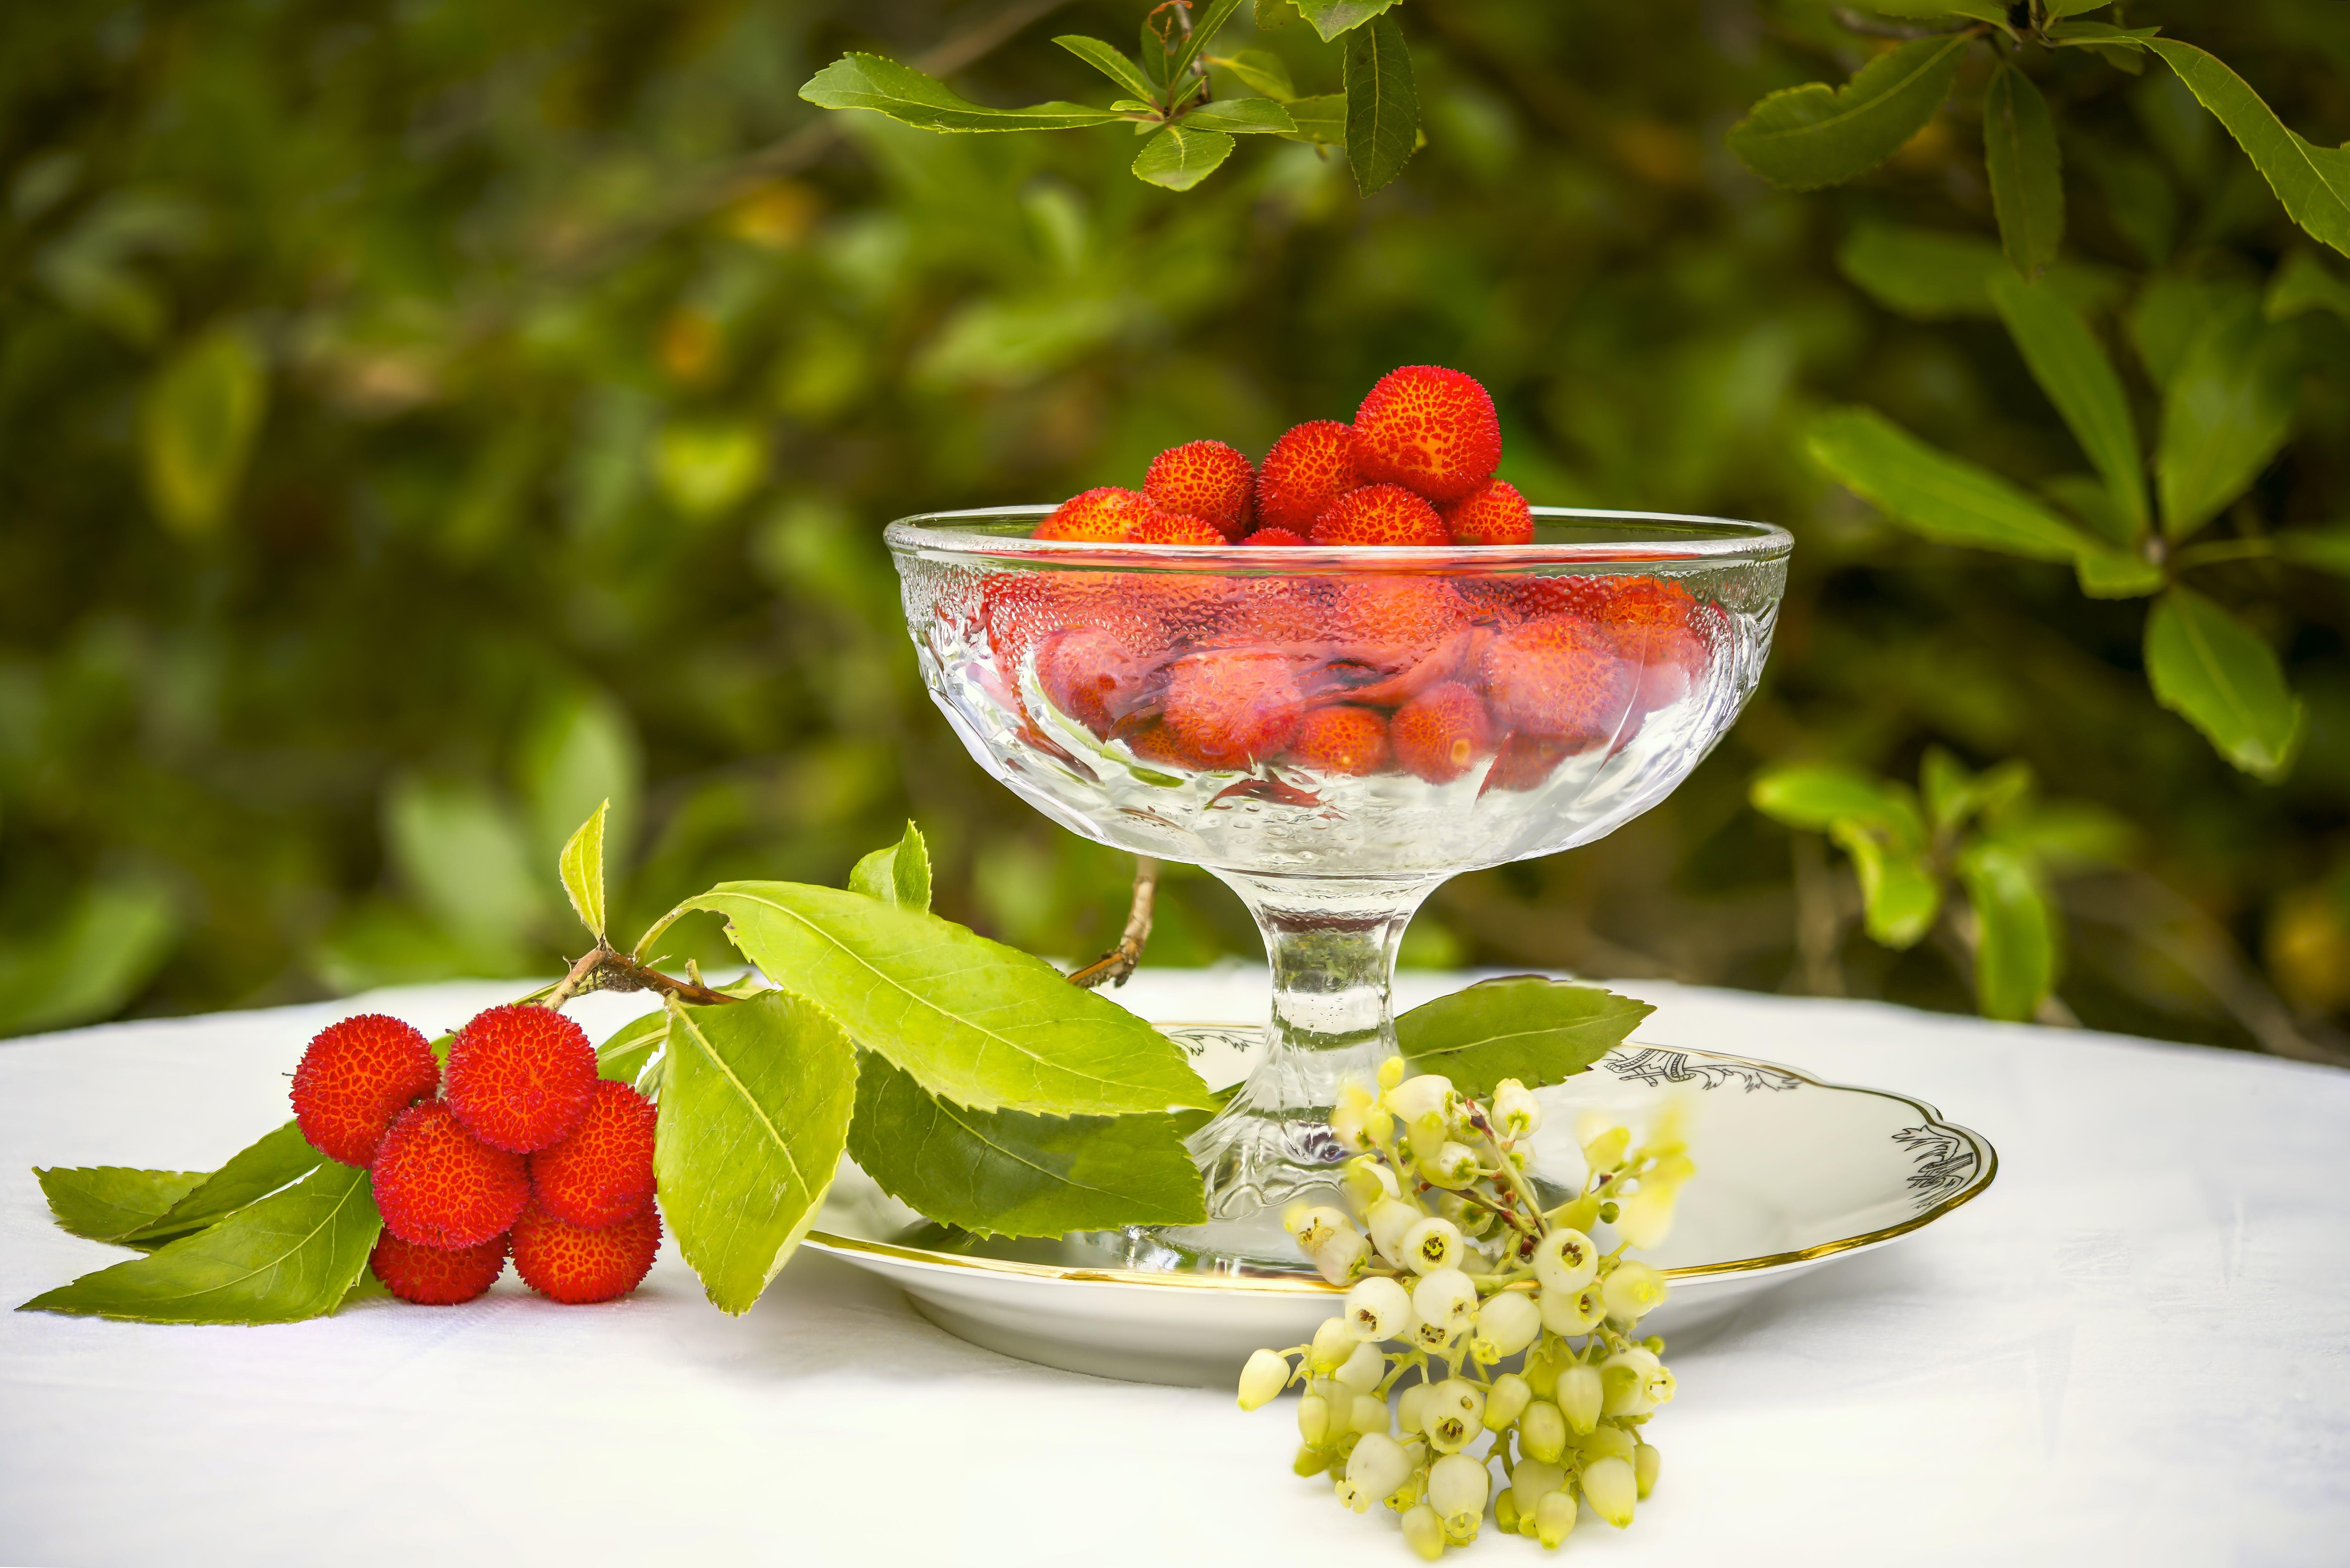 arbutus, arbutus unedo, berry